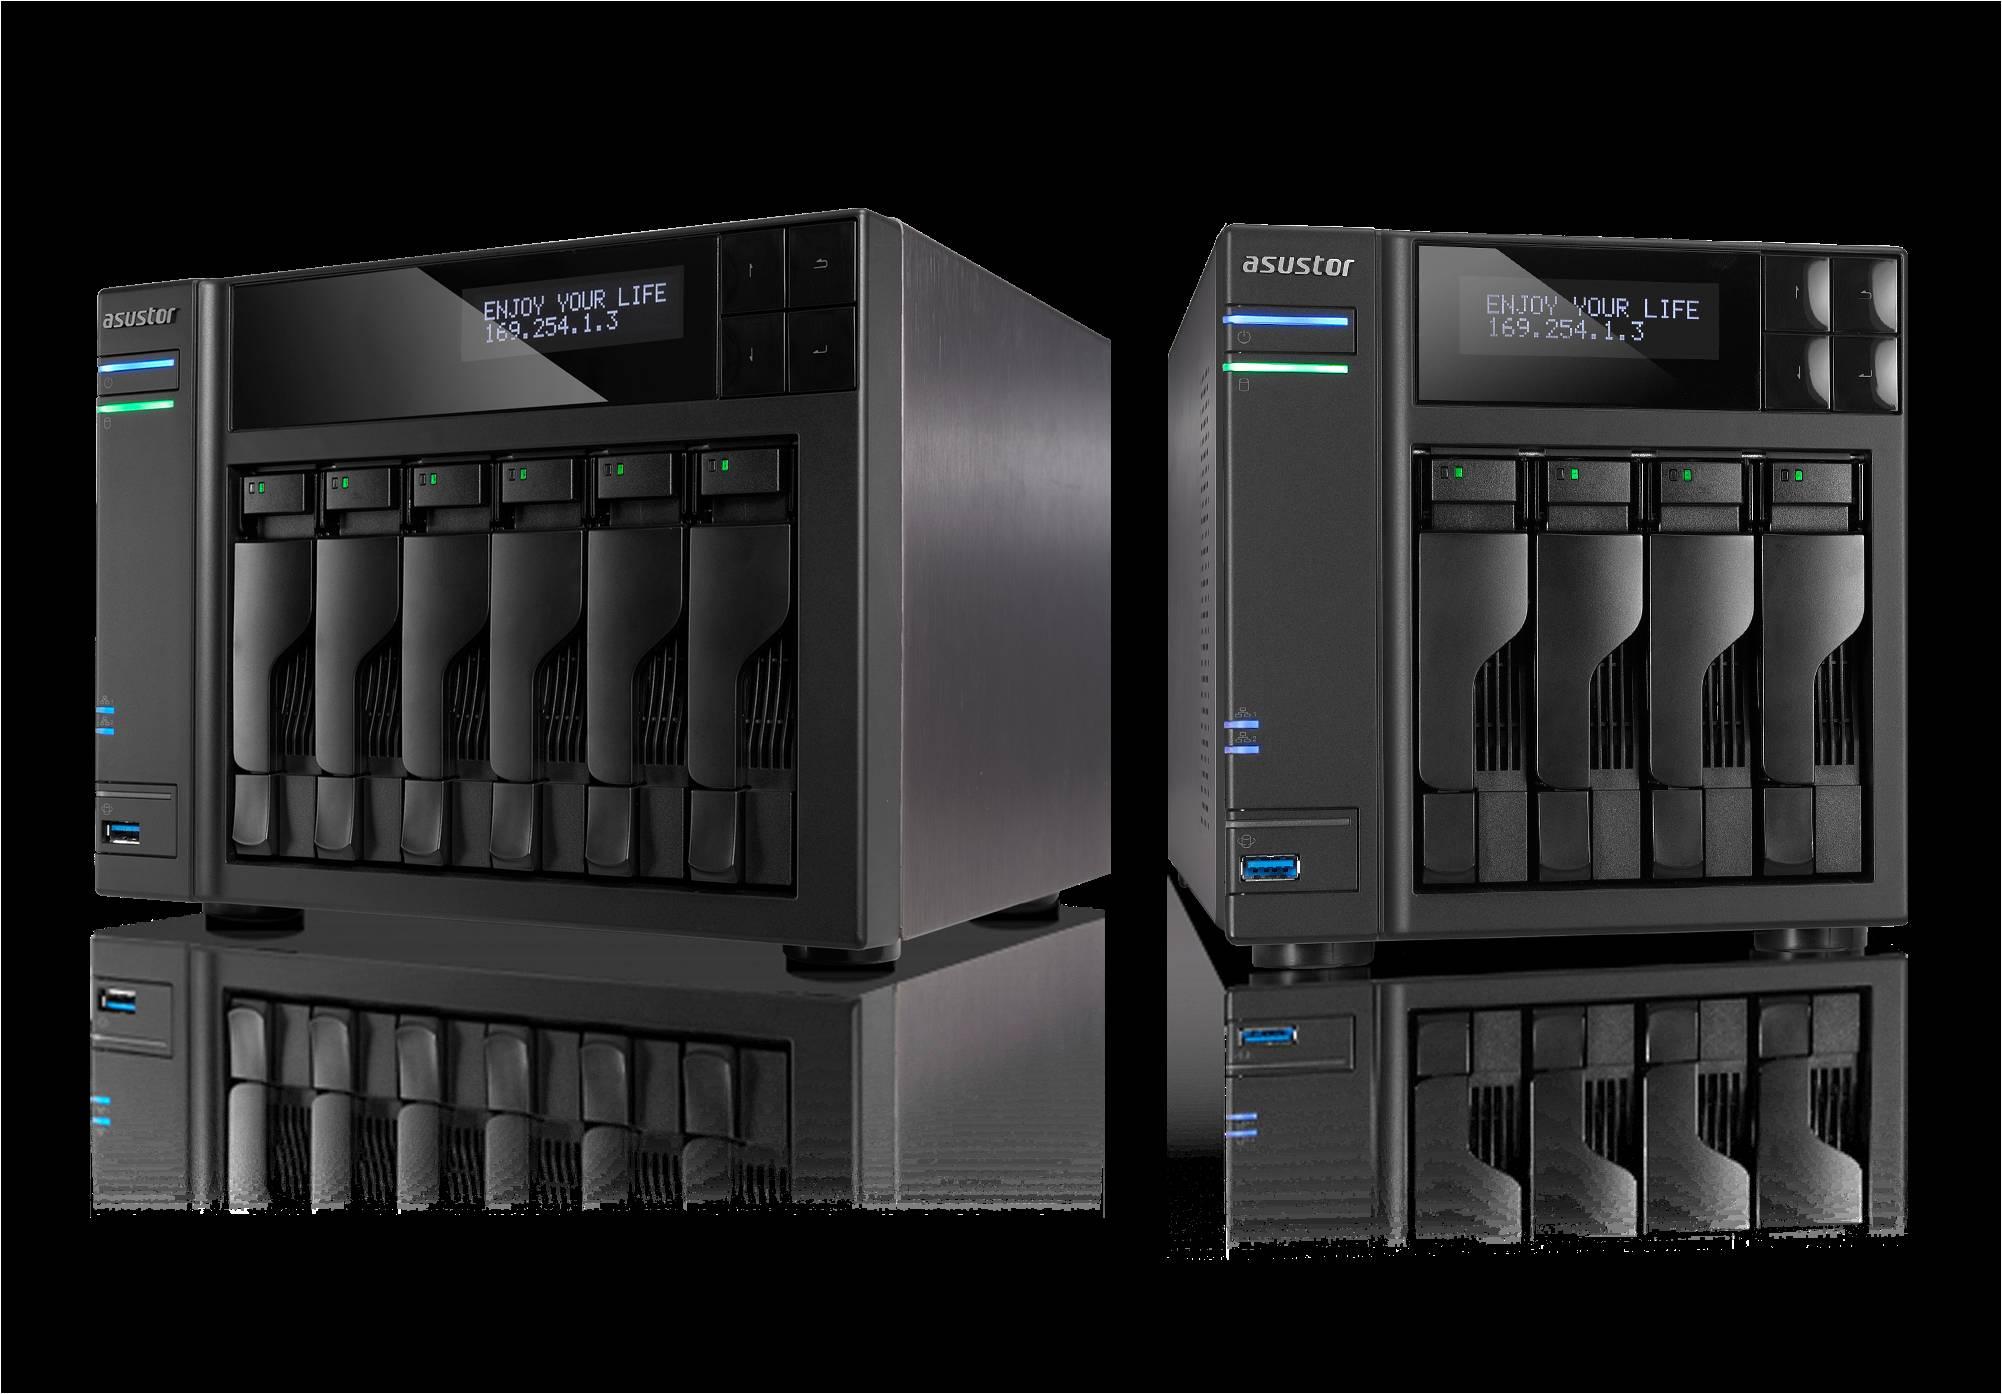 華芸科技推出全新高效能與節能兼具的AS 6 系列